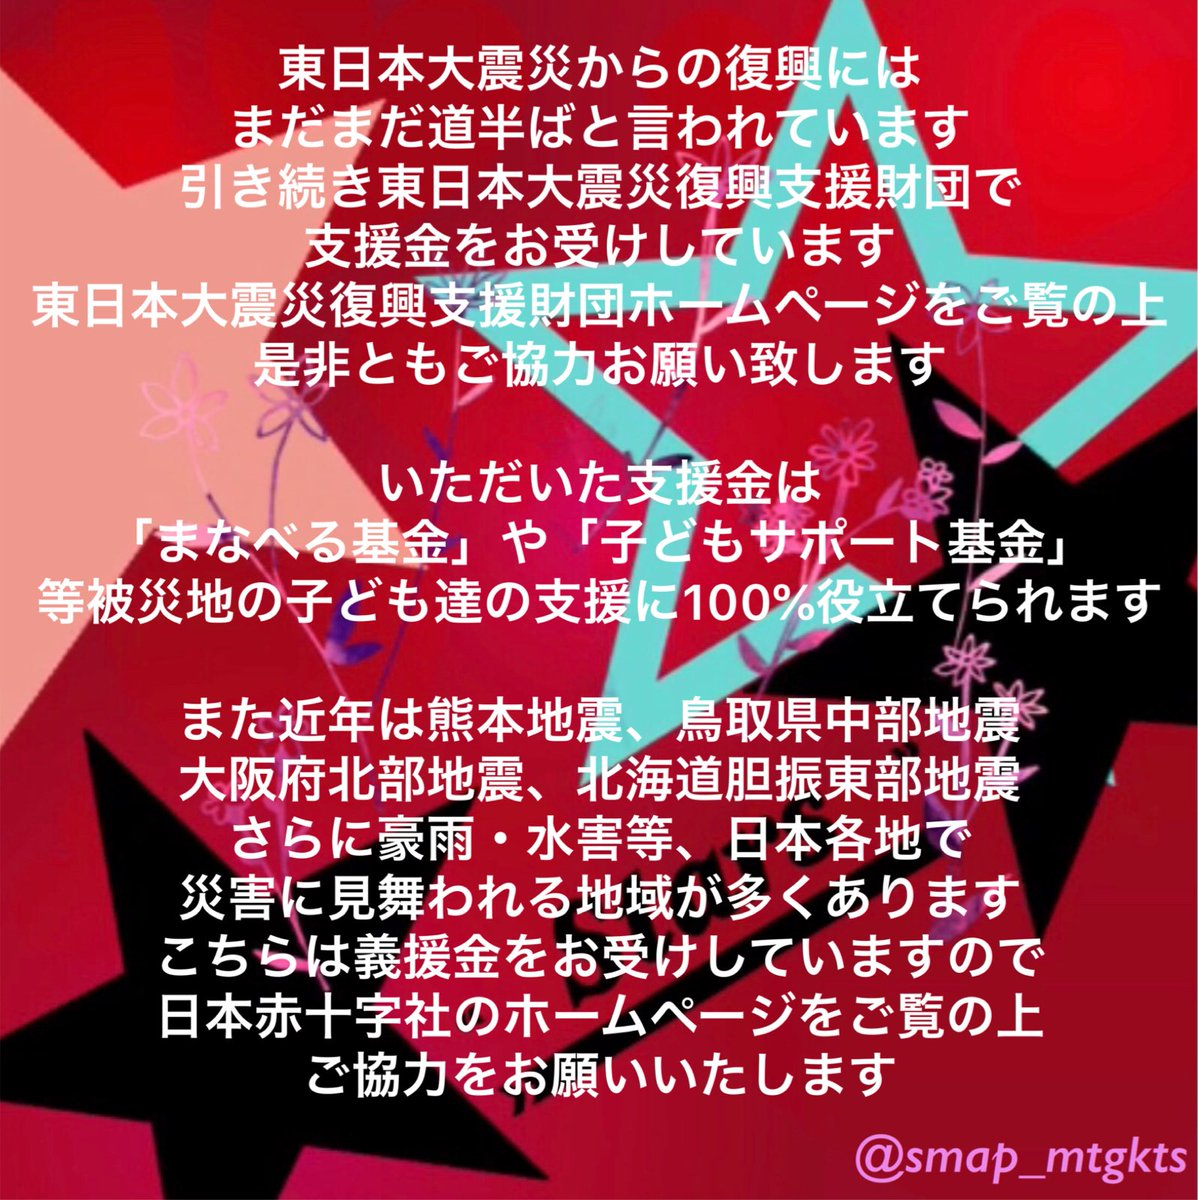 スマいちご's photo on #スマスマ